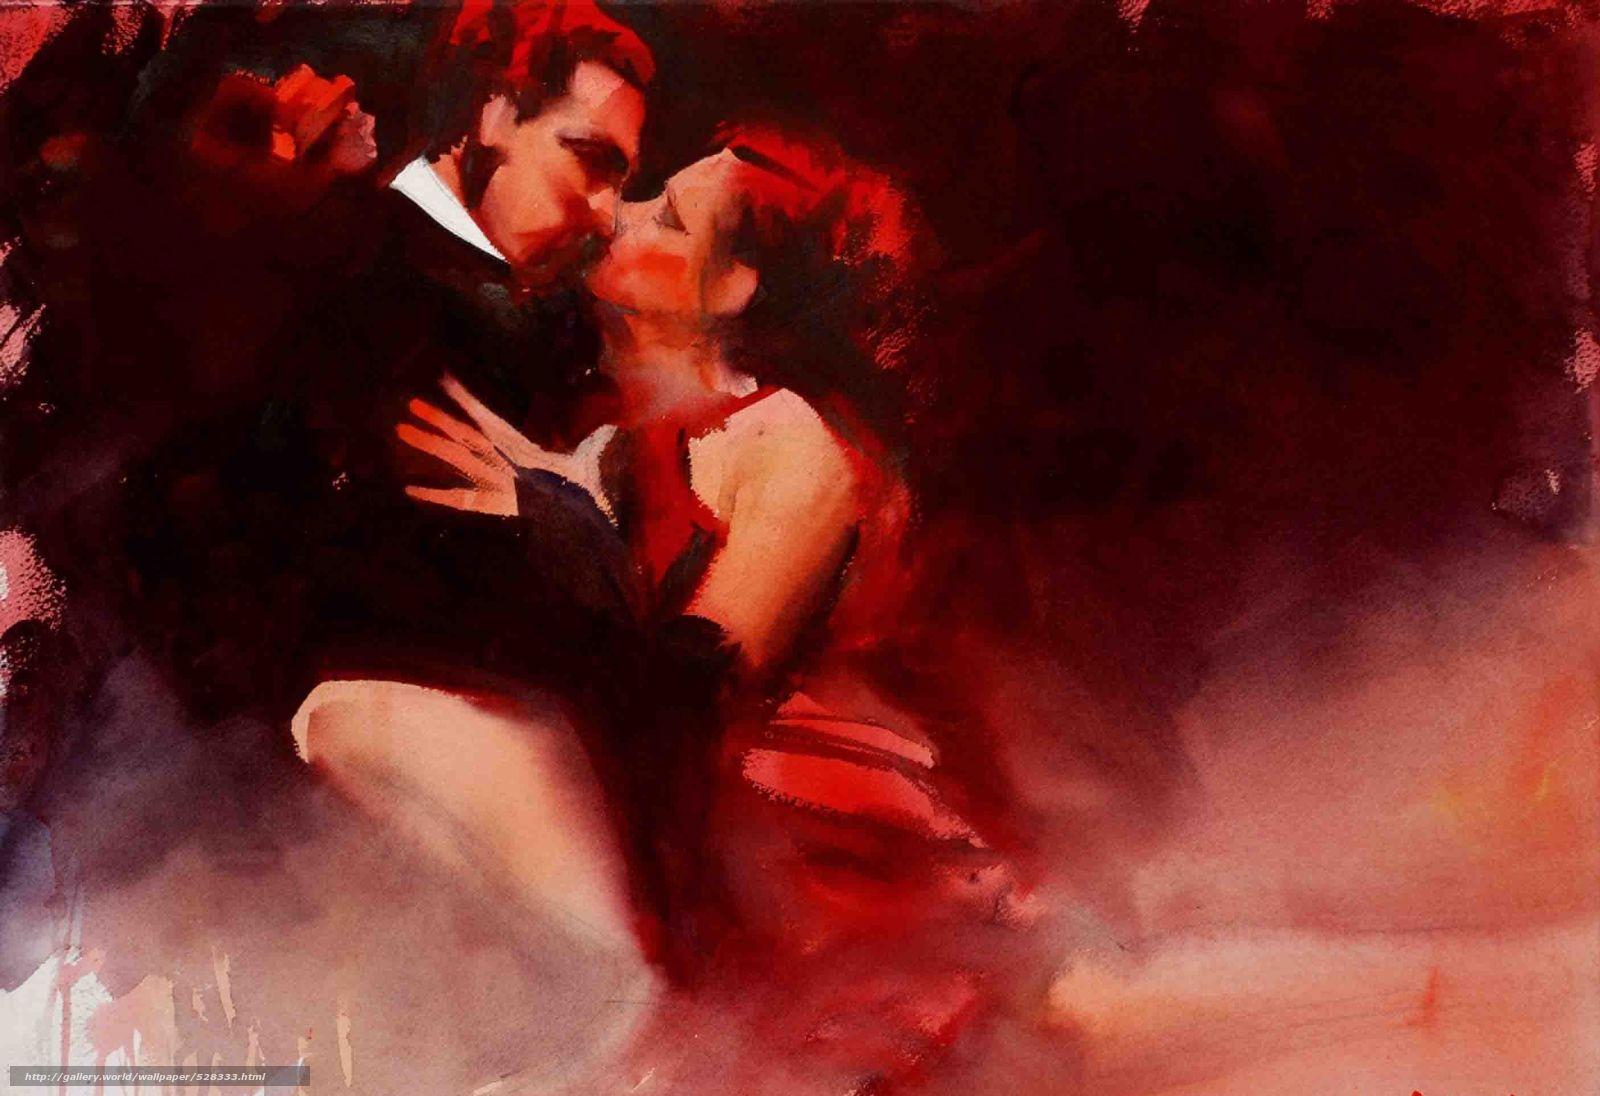 ... рабочего стола в разрешении 2810x1924: ru.gdefon.com/download/dvoe_tango_zhenshhina_tanec_akvarel...